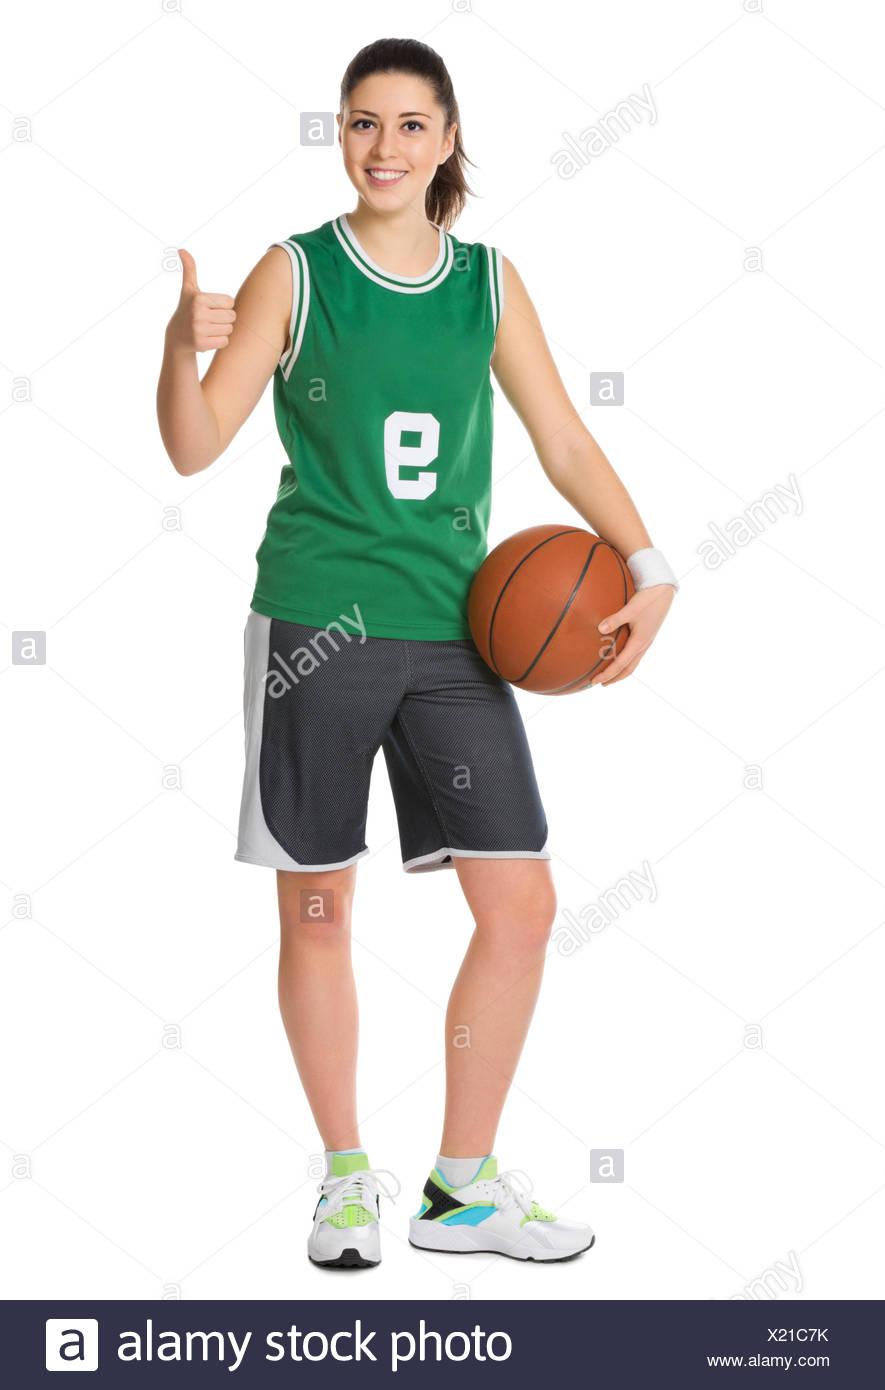 Ausgezeichnet Basketball Spielt Vorlage Fotos - Entry Level Resume ...